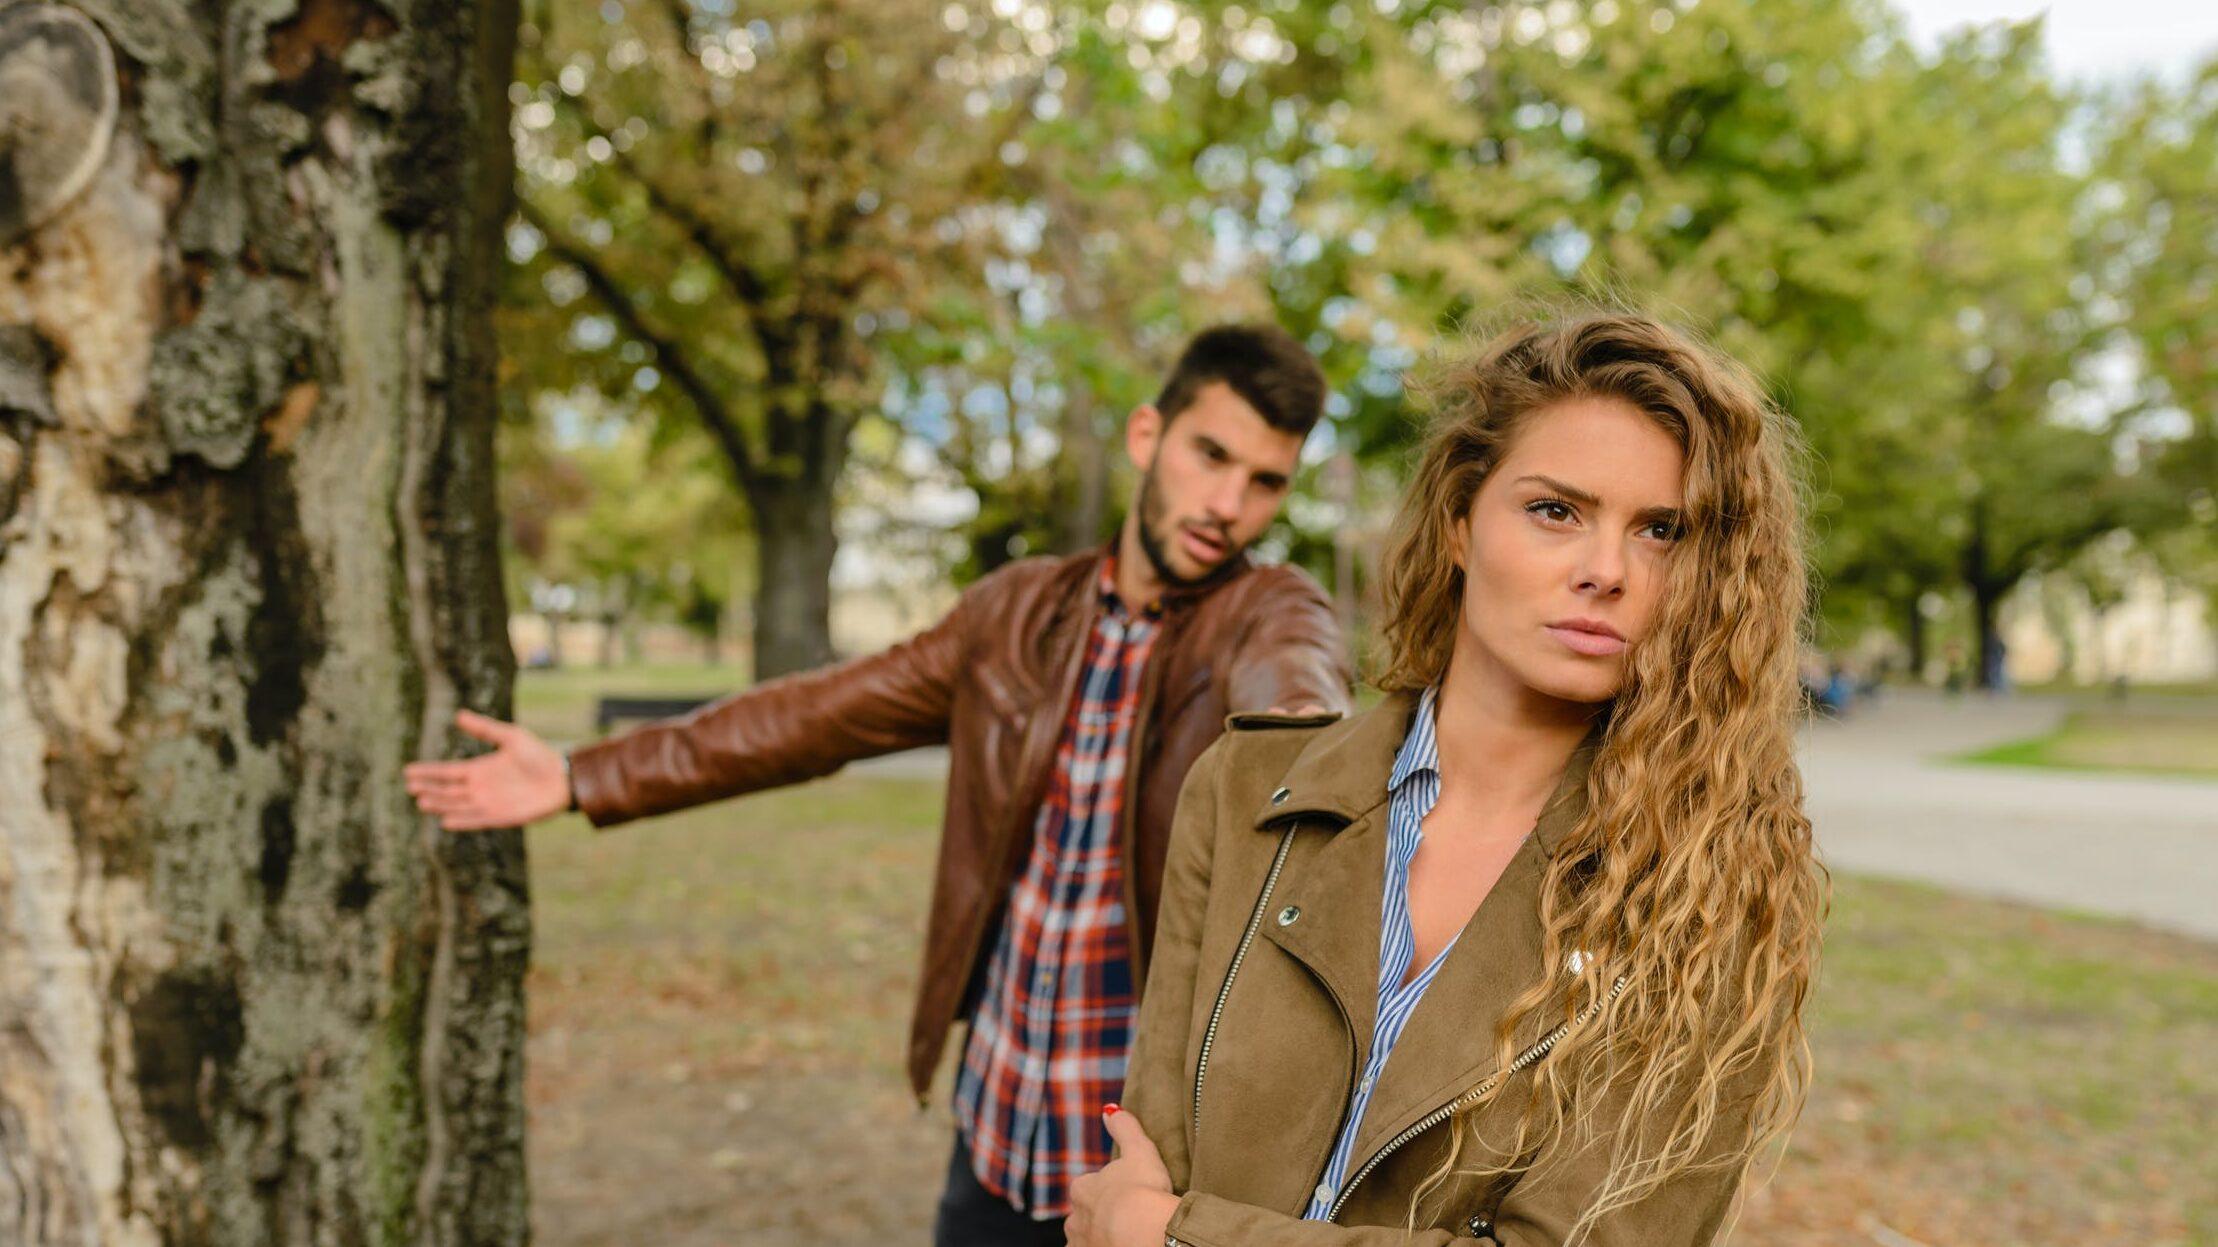 夫婦のコミュニケーション不足やうまくいかない人のイメージ画像1